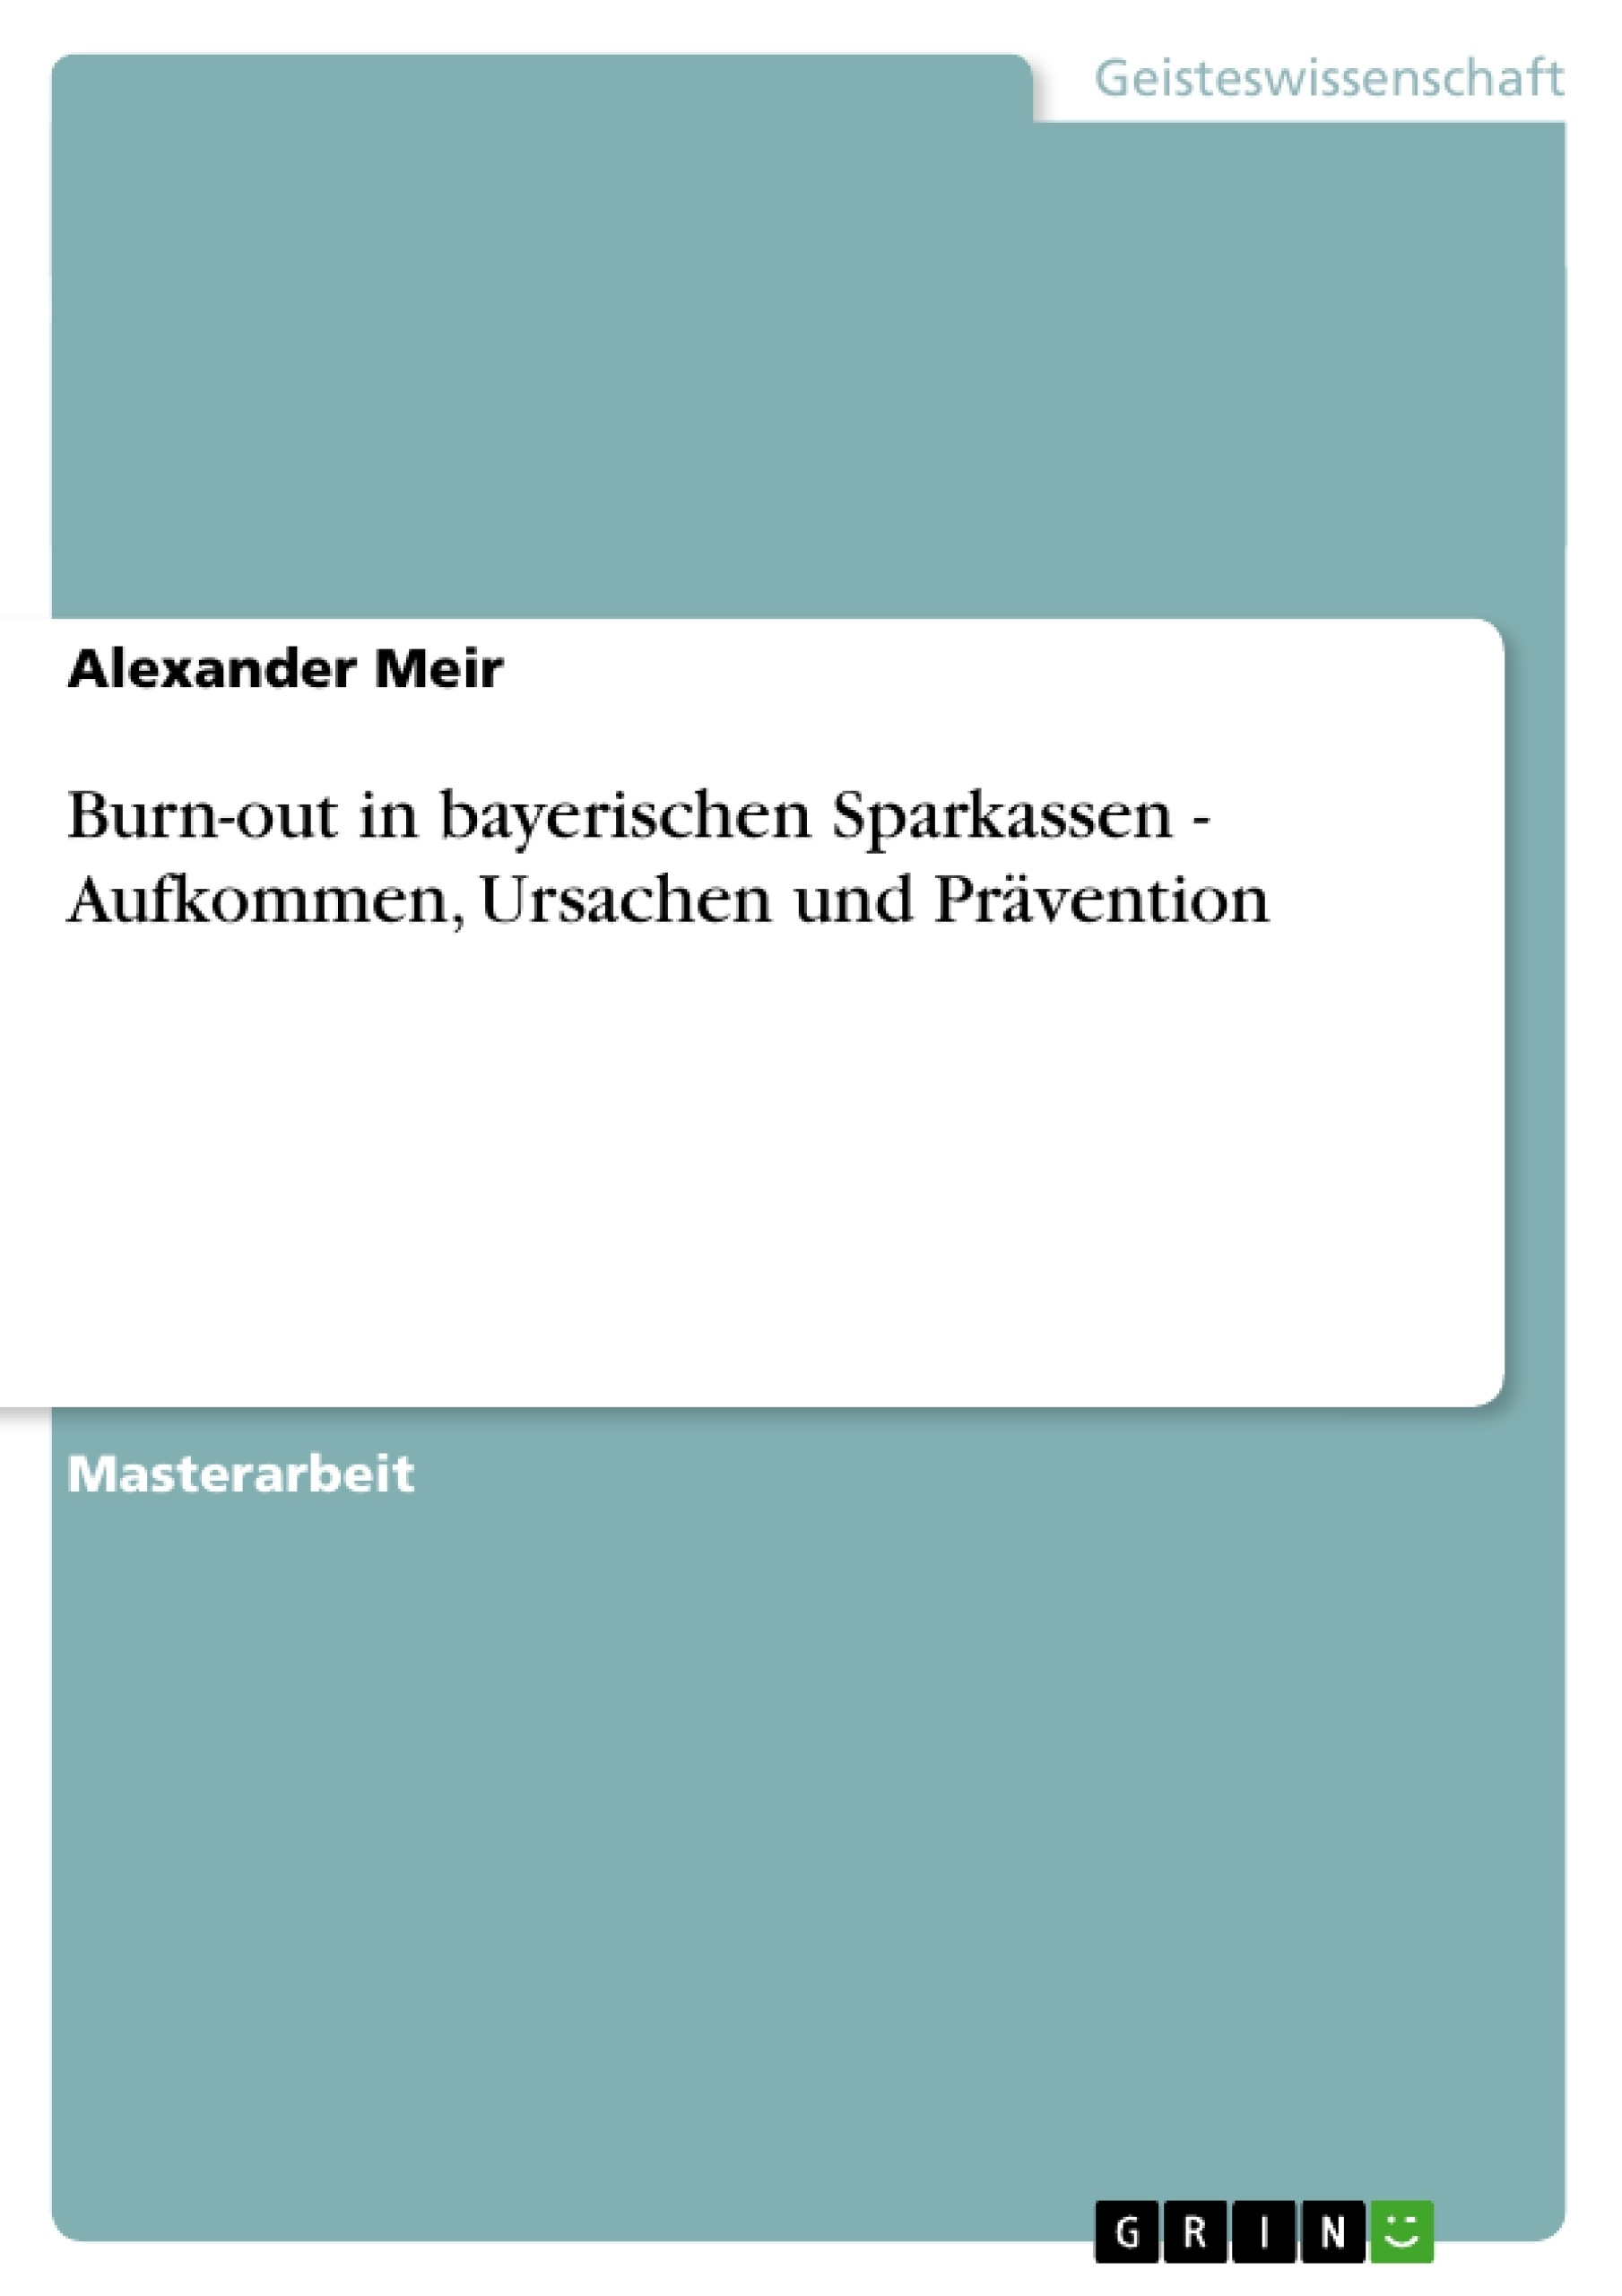 Titel: Burn-out in bayerischen Sparkassen - Aufkommen, Ursachen und Prävention